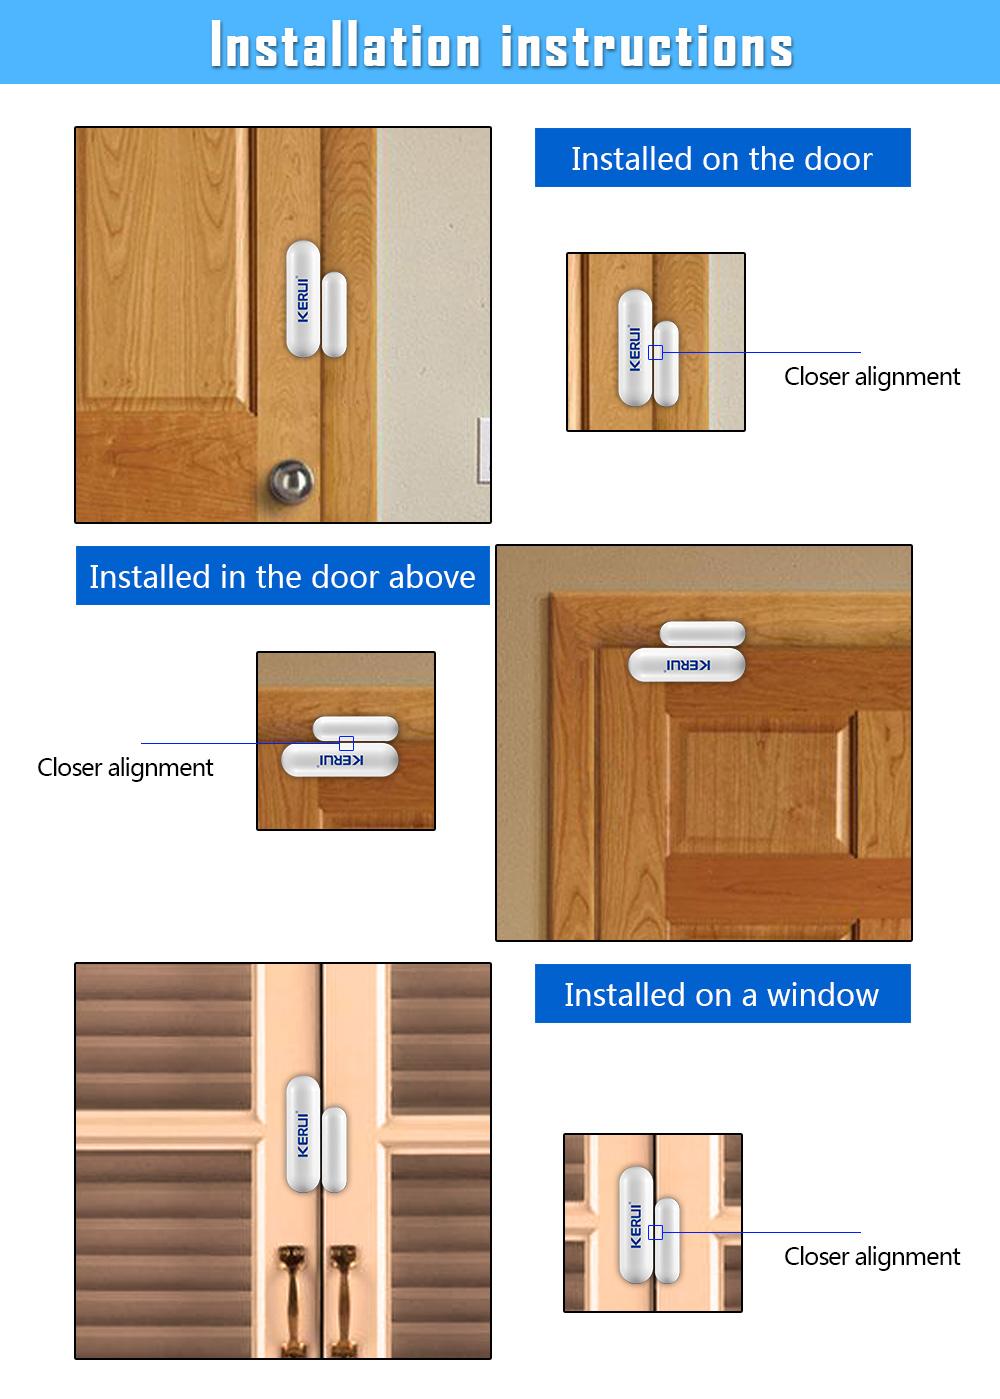 1368pcslot New KERUI open reminder Sensor 433mhz While Wireless Home Alarm Window Door Sensor to Detect Open Door_2